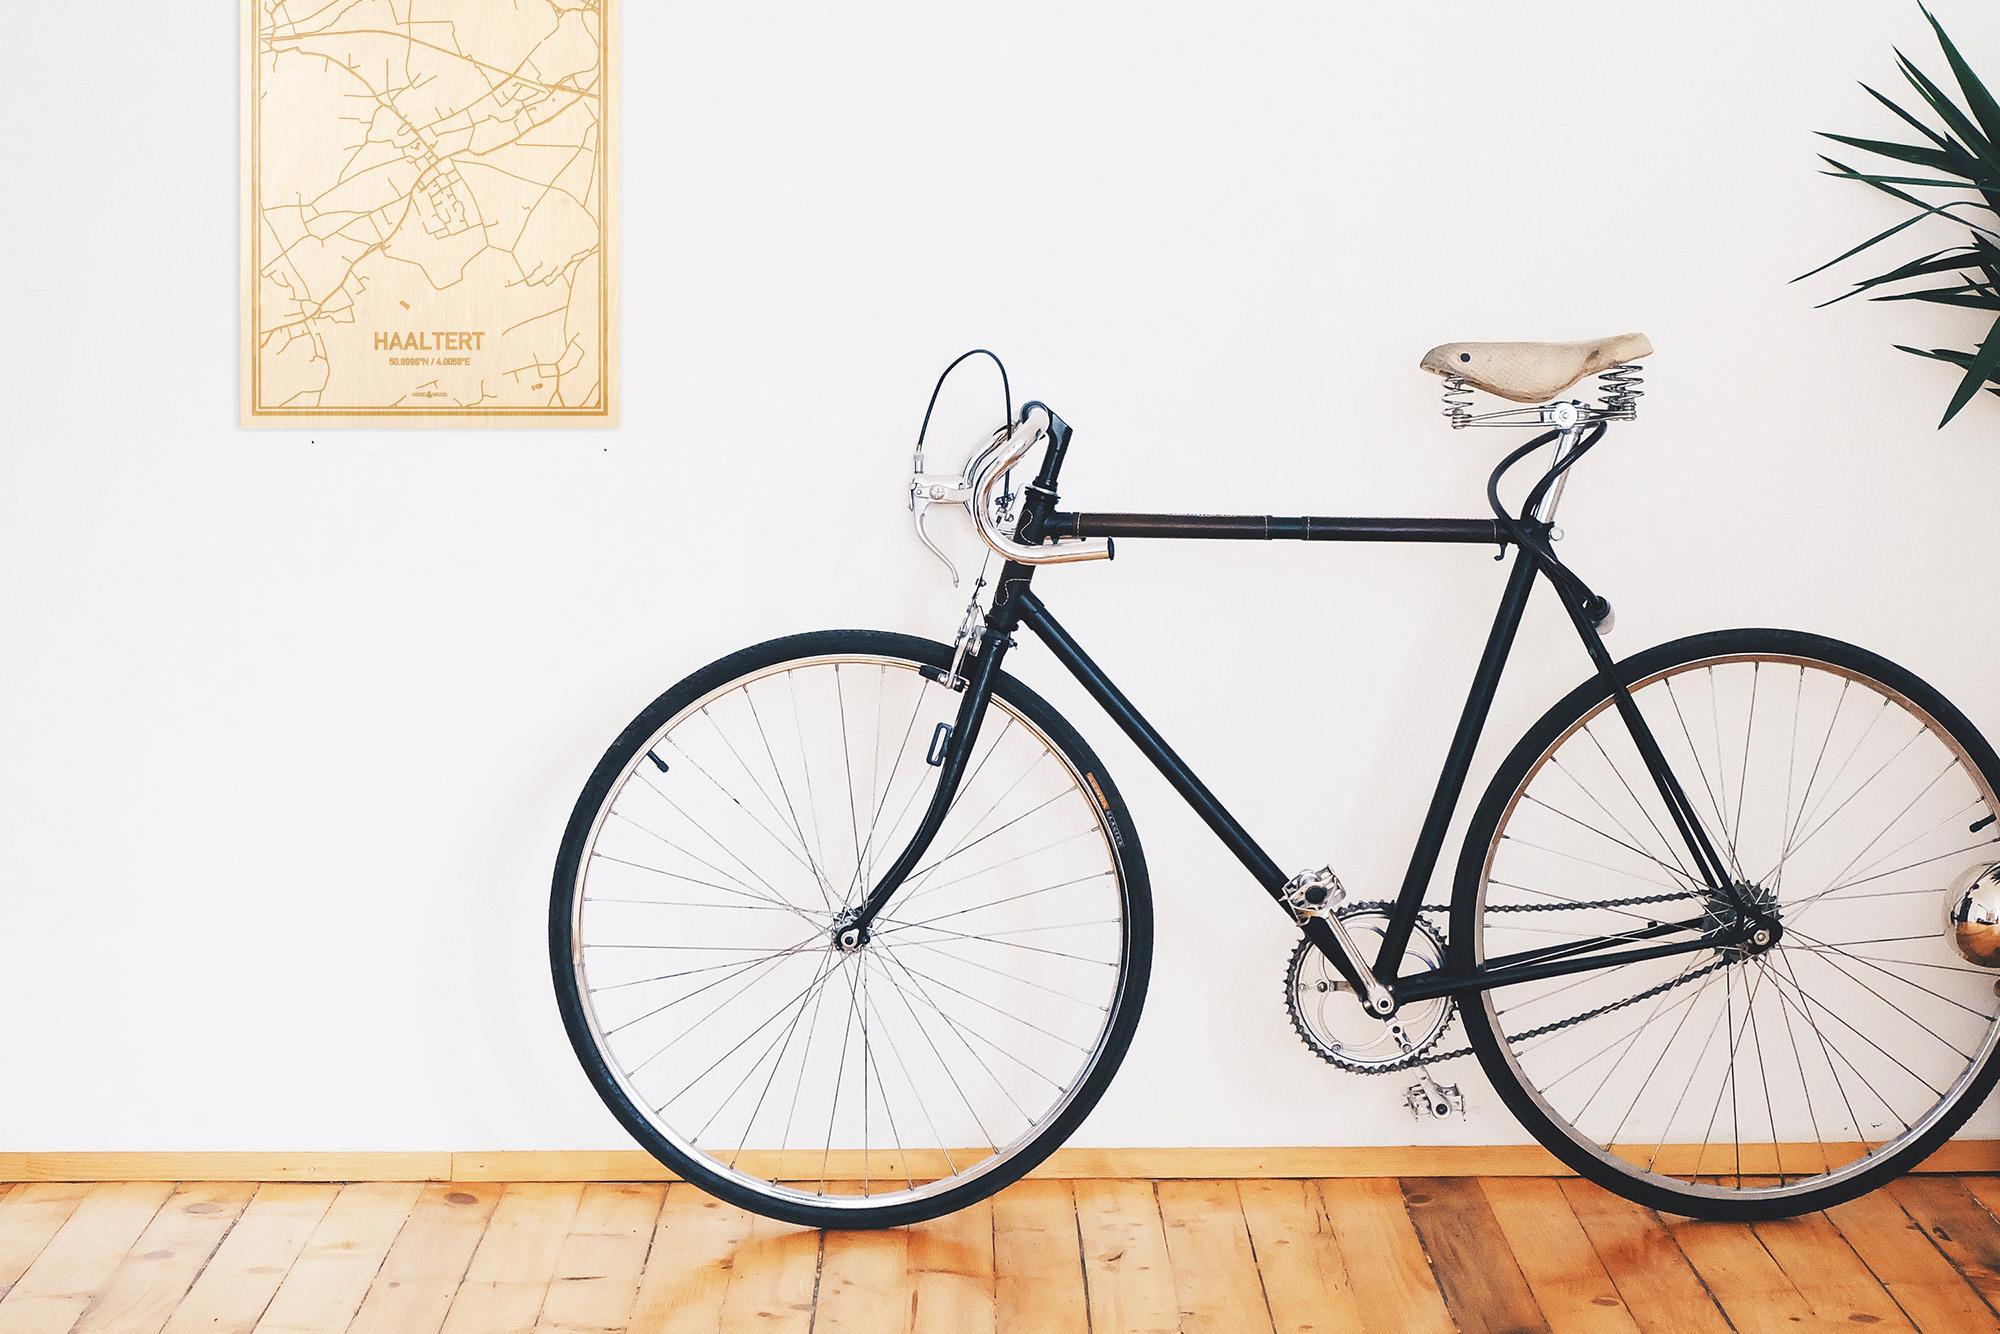 Een snelle fiets in een uniek interieur in Oost-Vlaanderen  met mooie decoratie zoals de plattegrond Haaltert.